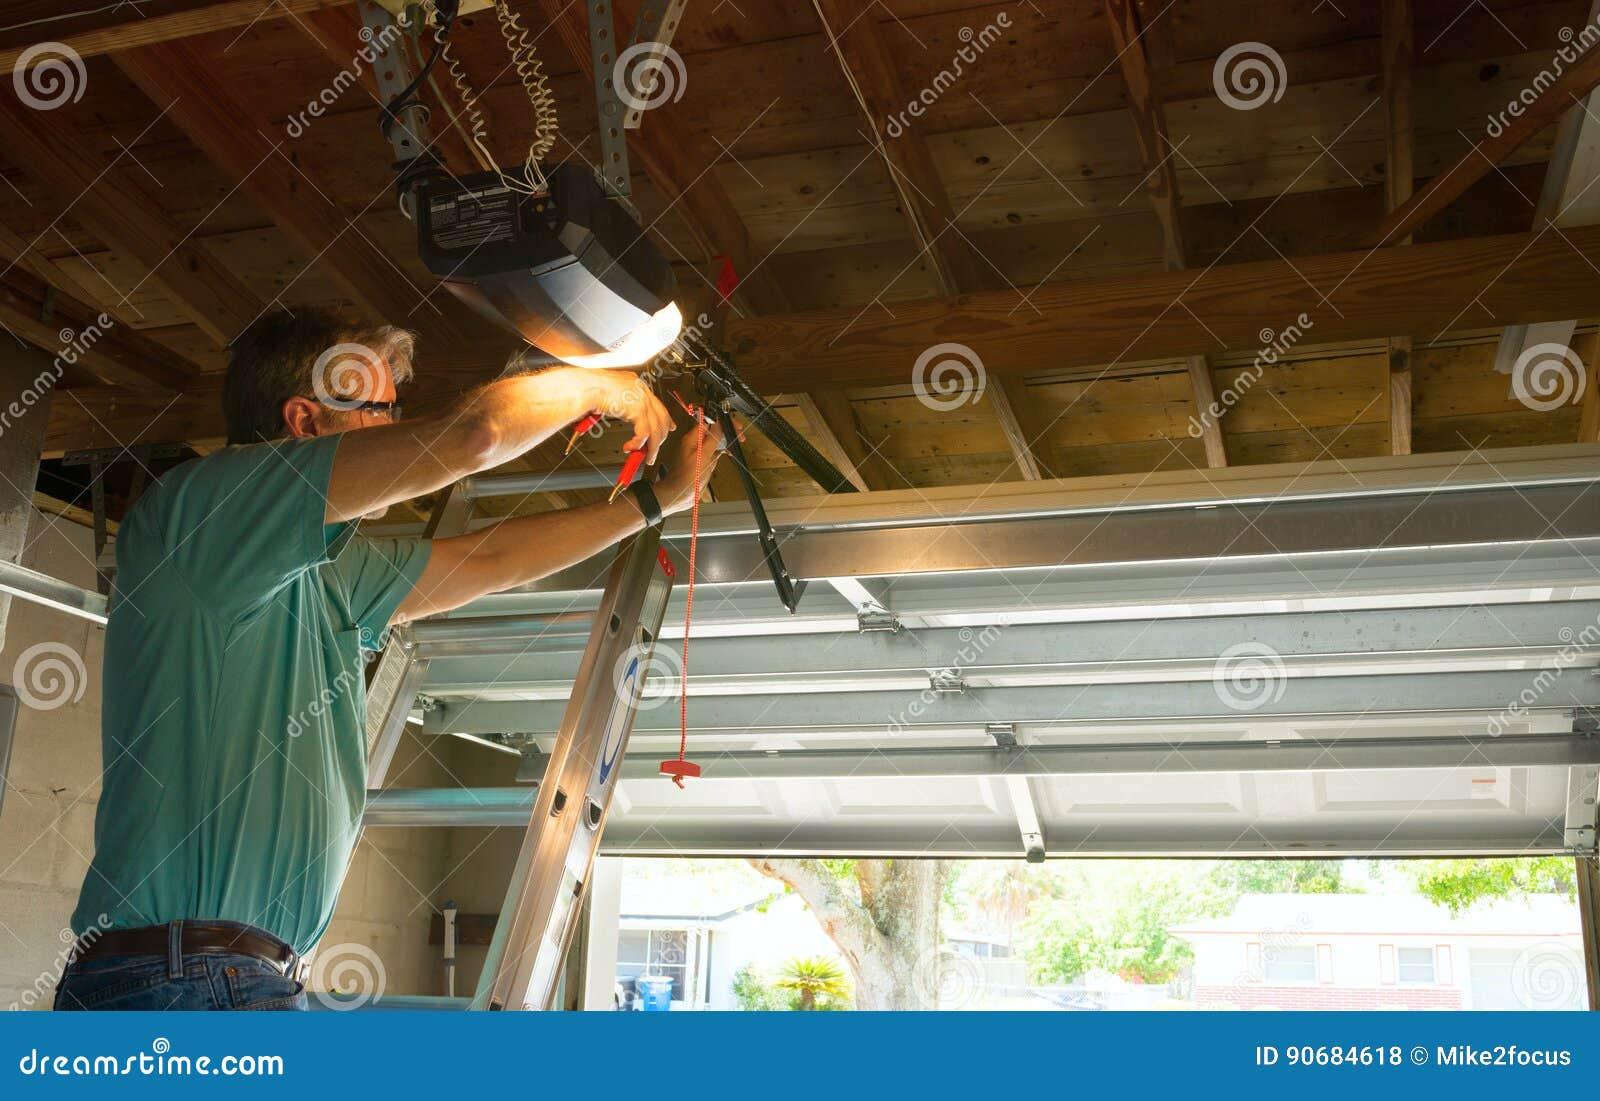 专业自动车库门开启者修理公司技术员人工作